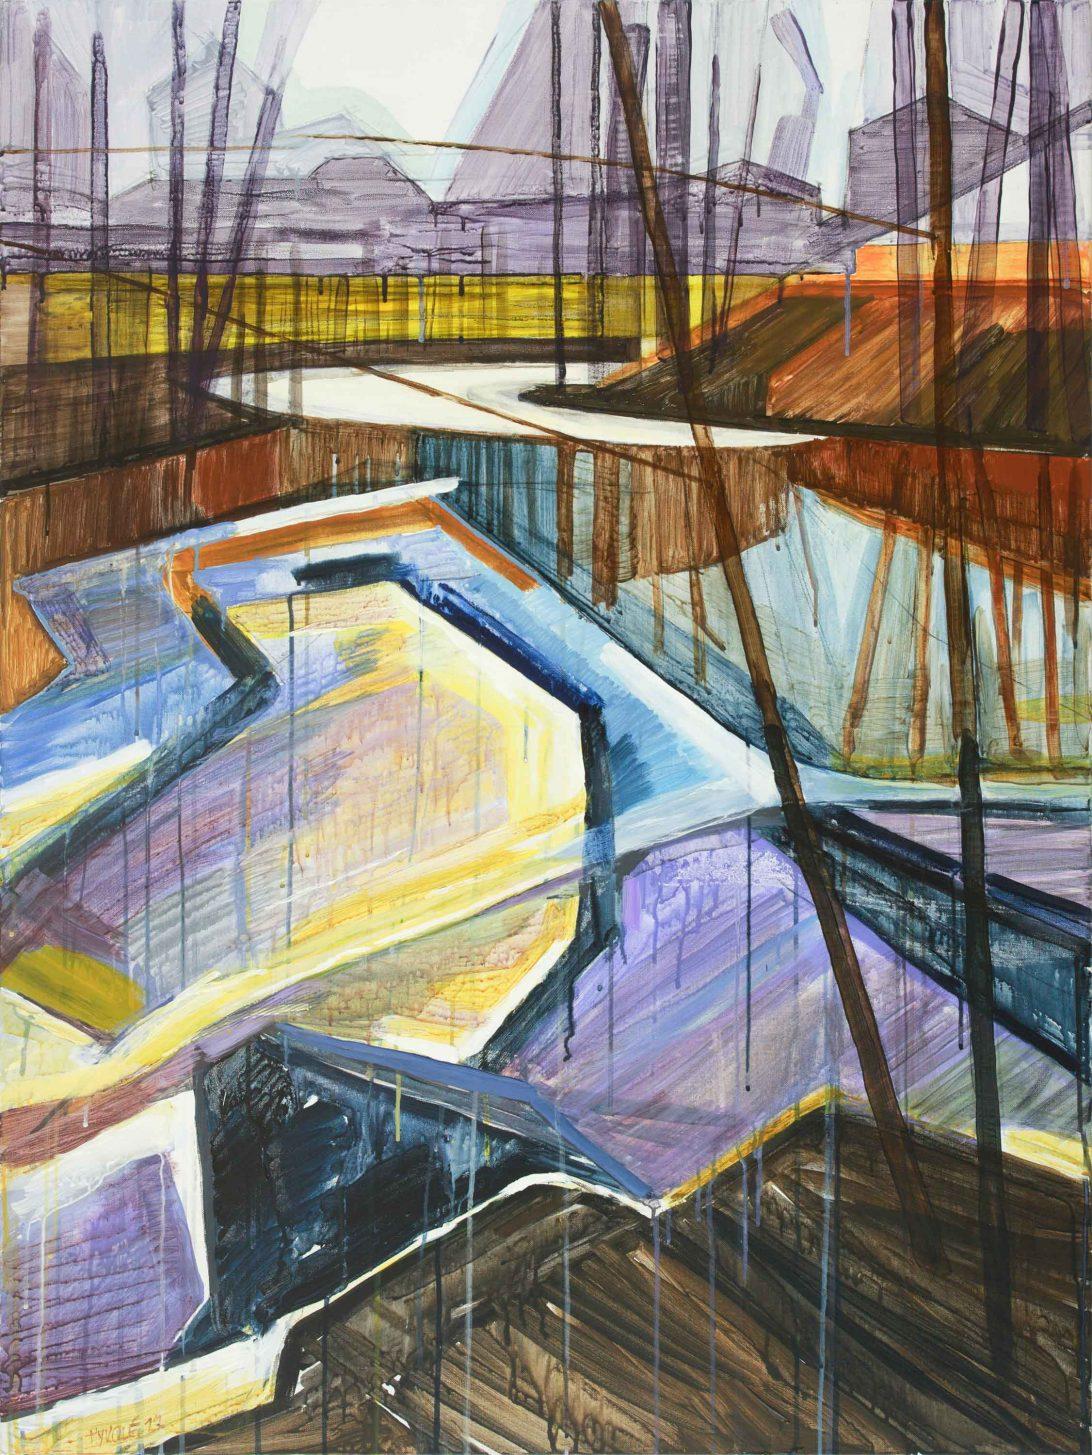 Saari 9-14. Acrylic, canvas. 120x90cm. 2017